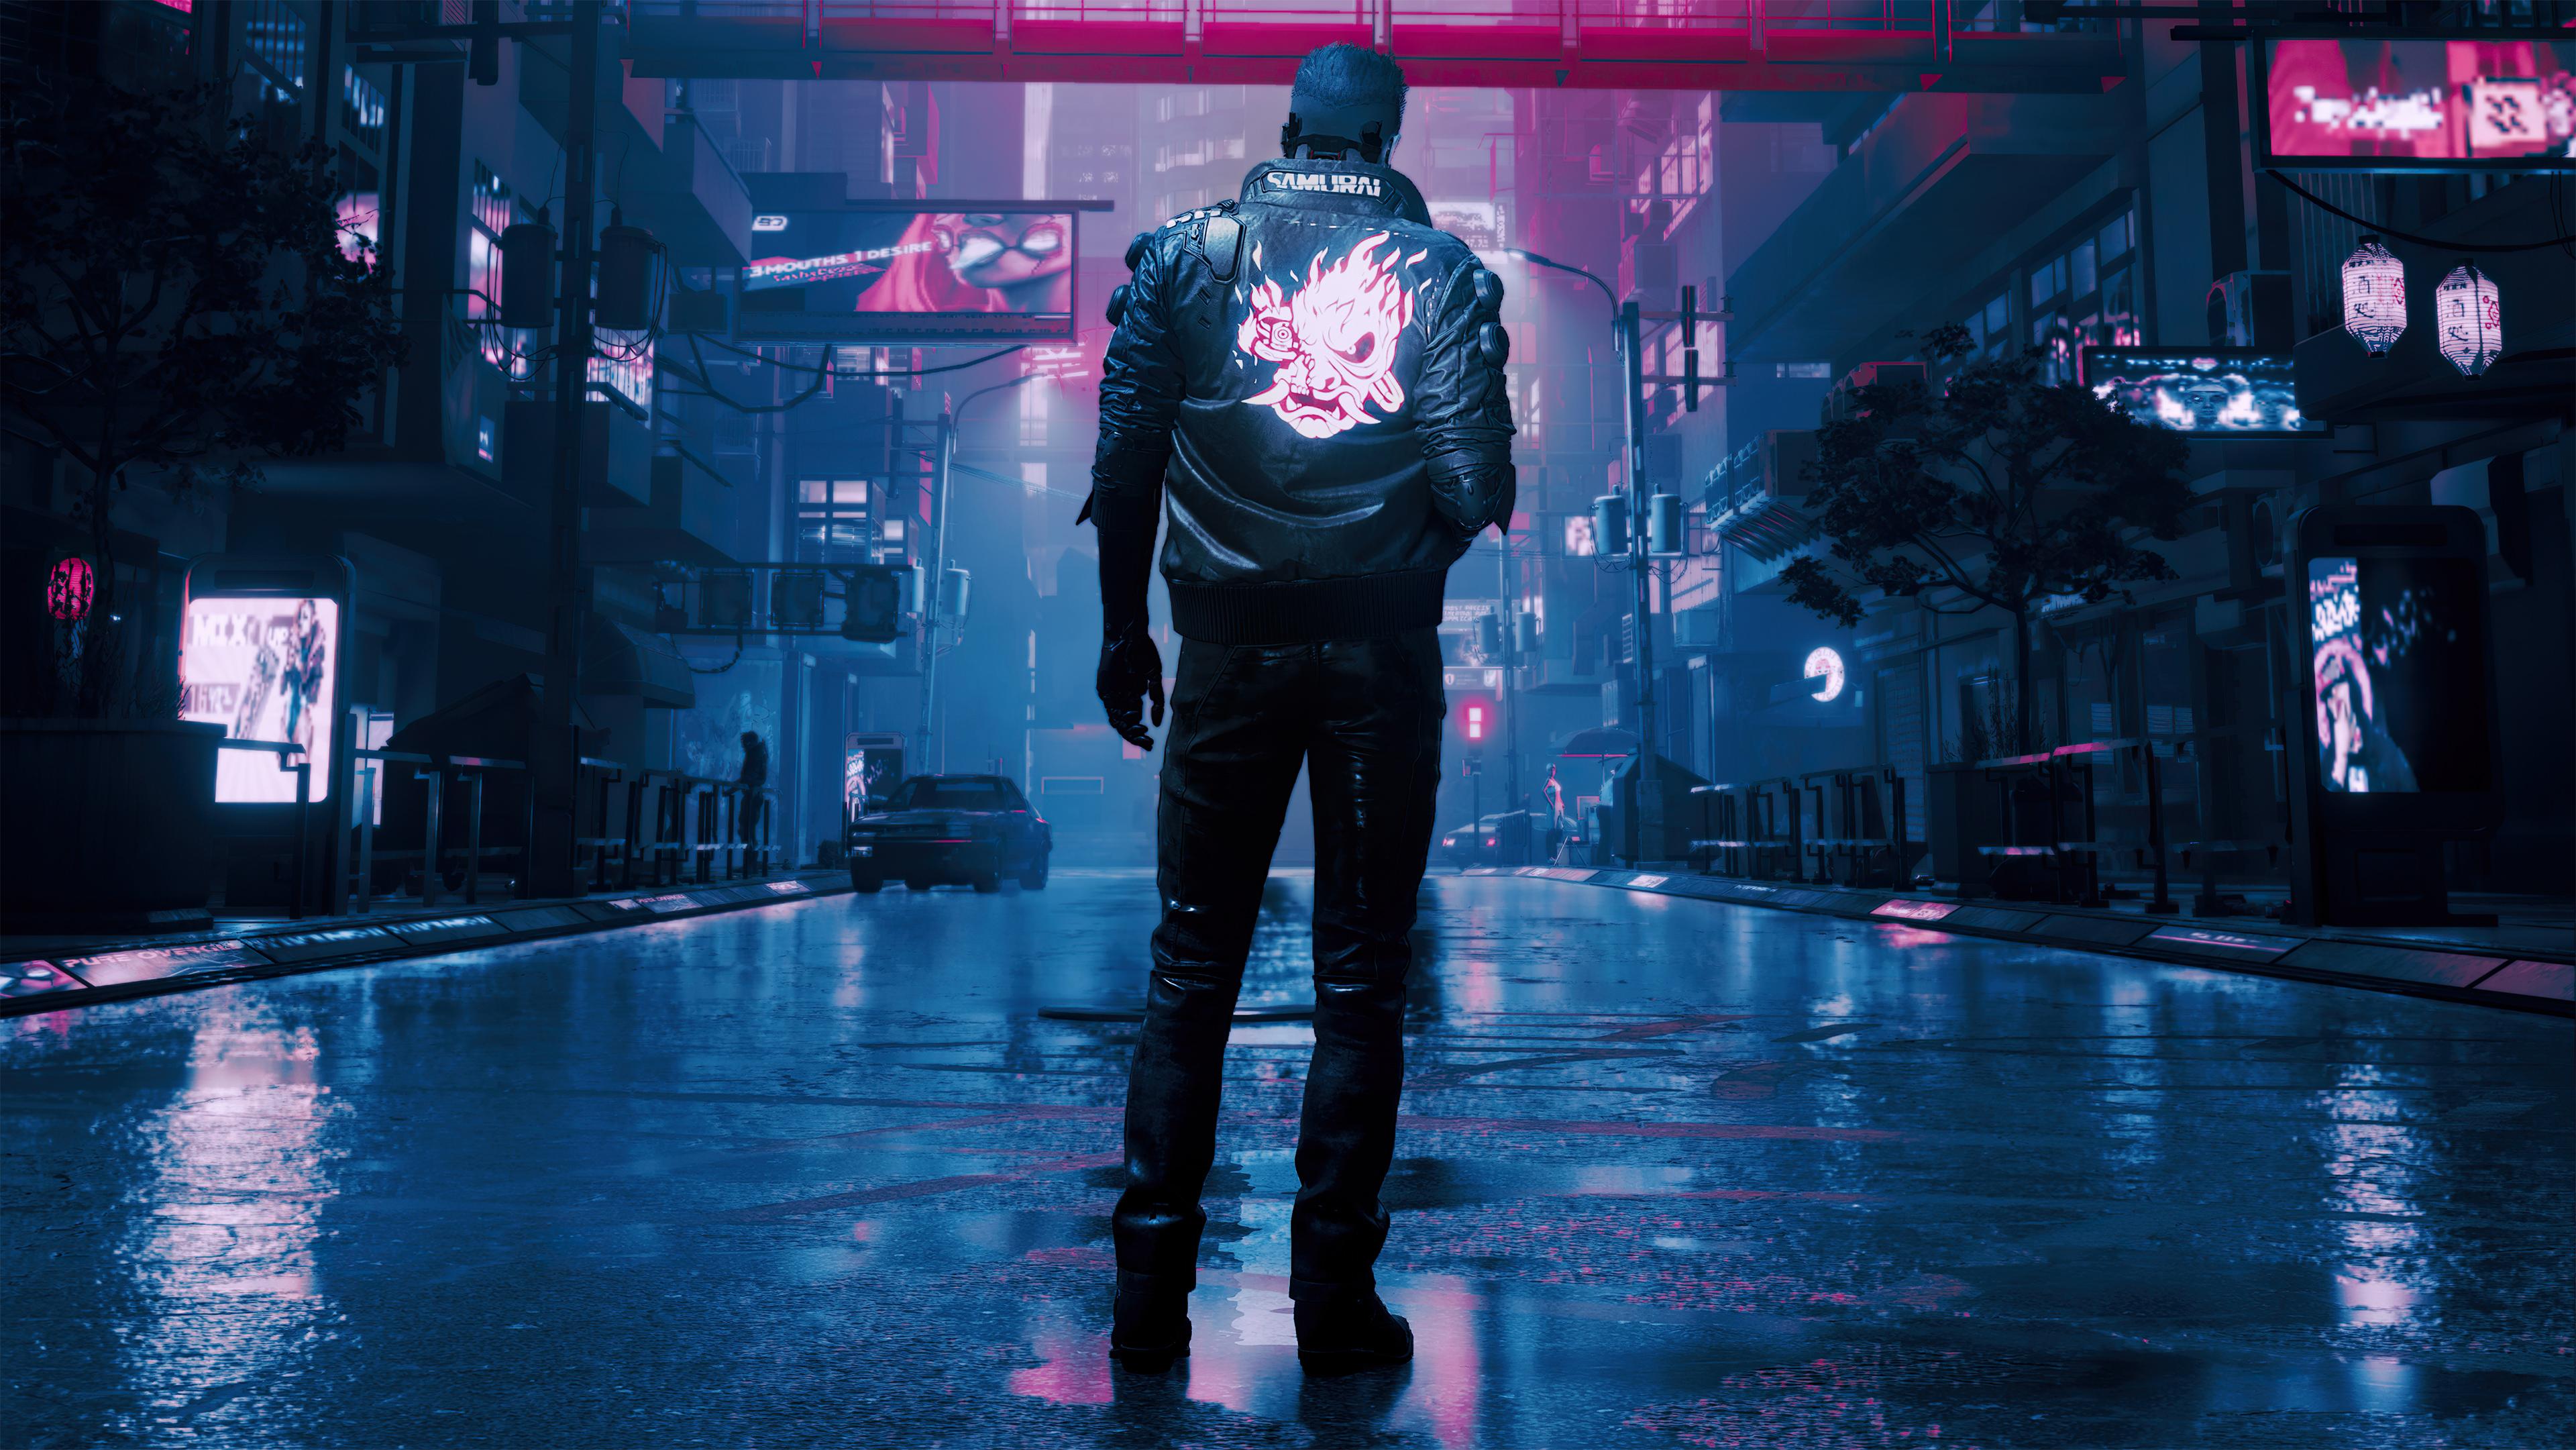 nightcall cyberpunk 2077 samurai 4k 1618136794 - Nightcall Cyberpunk 2077 Samurai 4k - Nightcall Cyberpunk 2077 Samurai 4k wallpapers